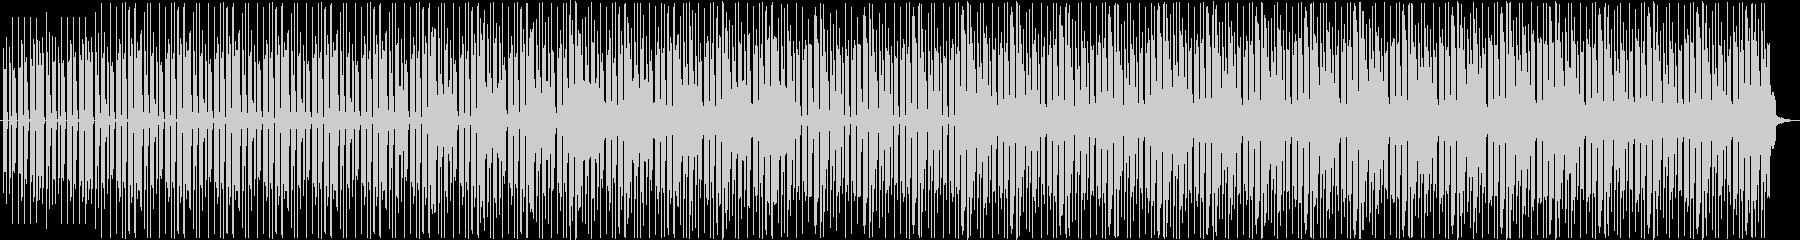 アップテンポ・ギター・ワークアウトの未再生の波形